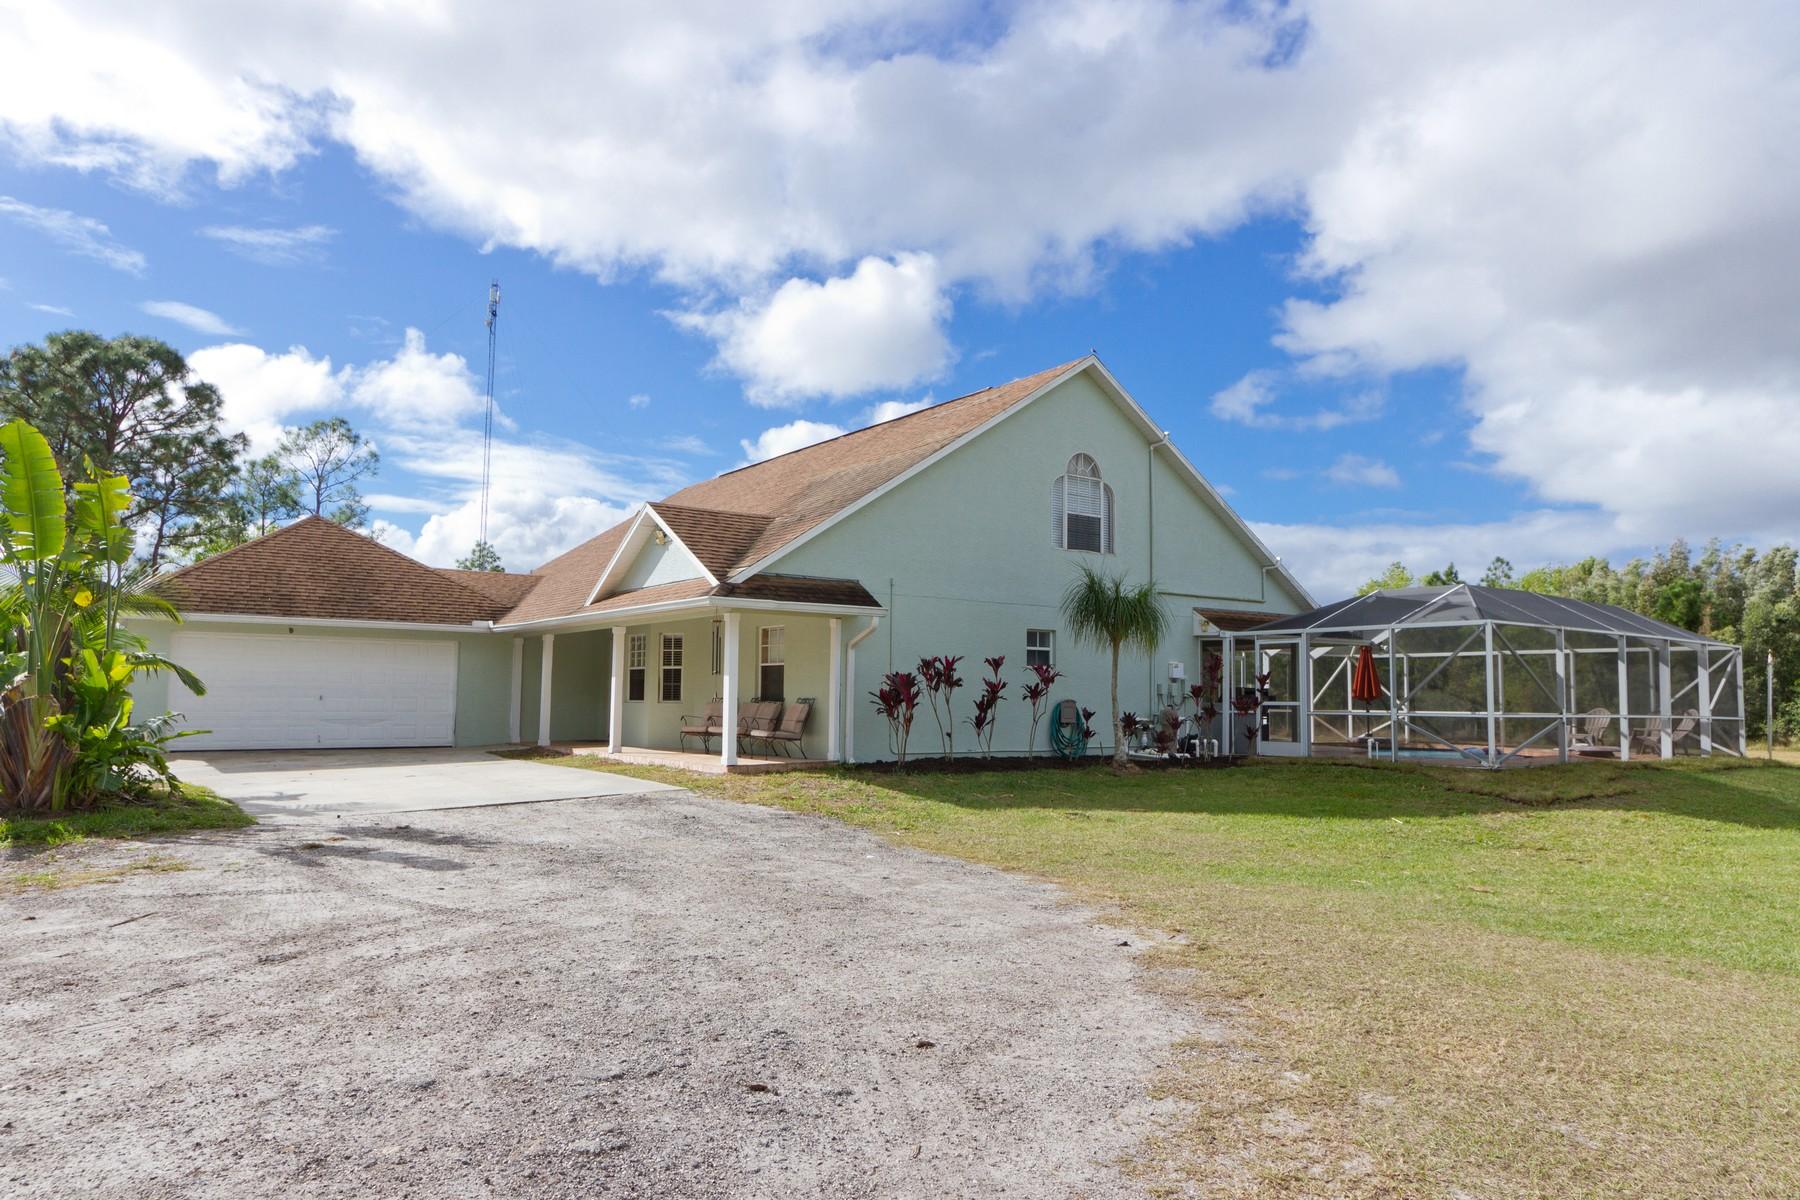 一戸建て のために 売買 アット 5 Acre- Waterfront Home 12925 79th Street Fellsmere, フロリダ, 32948 アメリカ合衆国